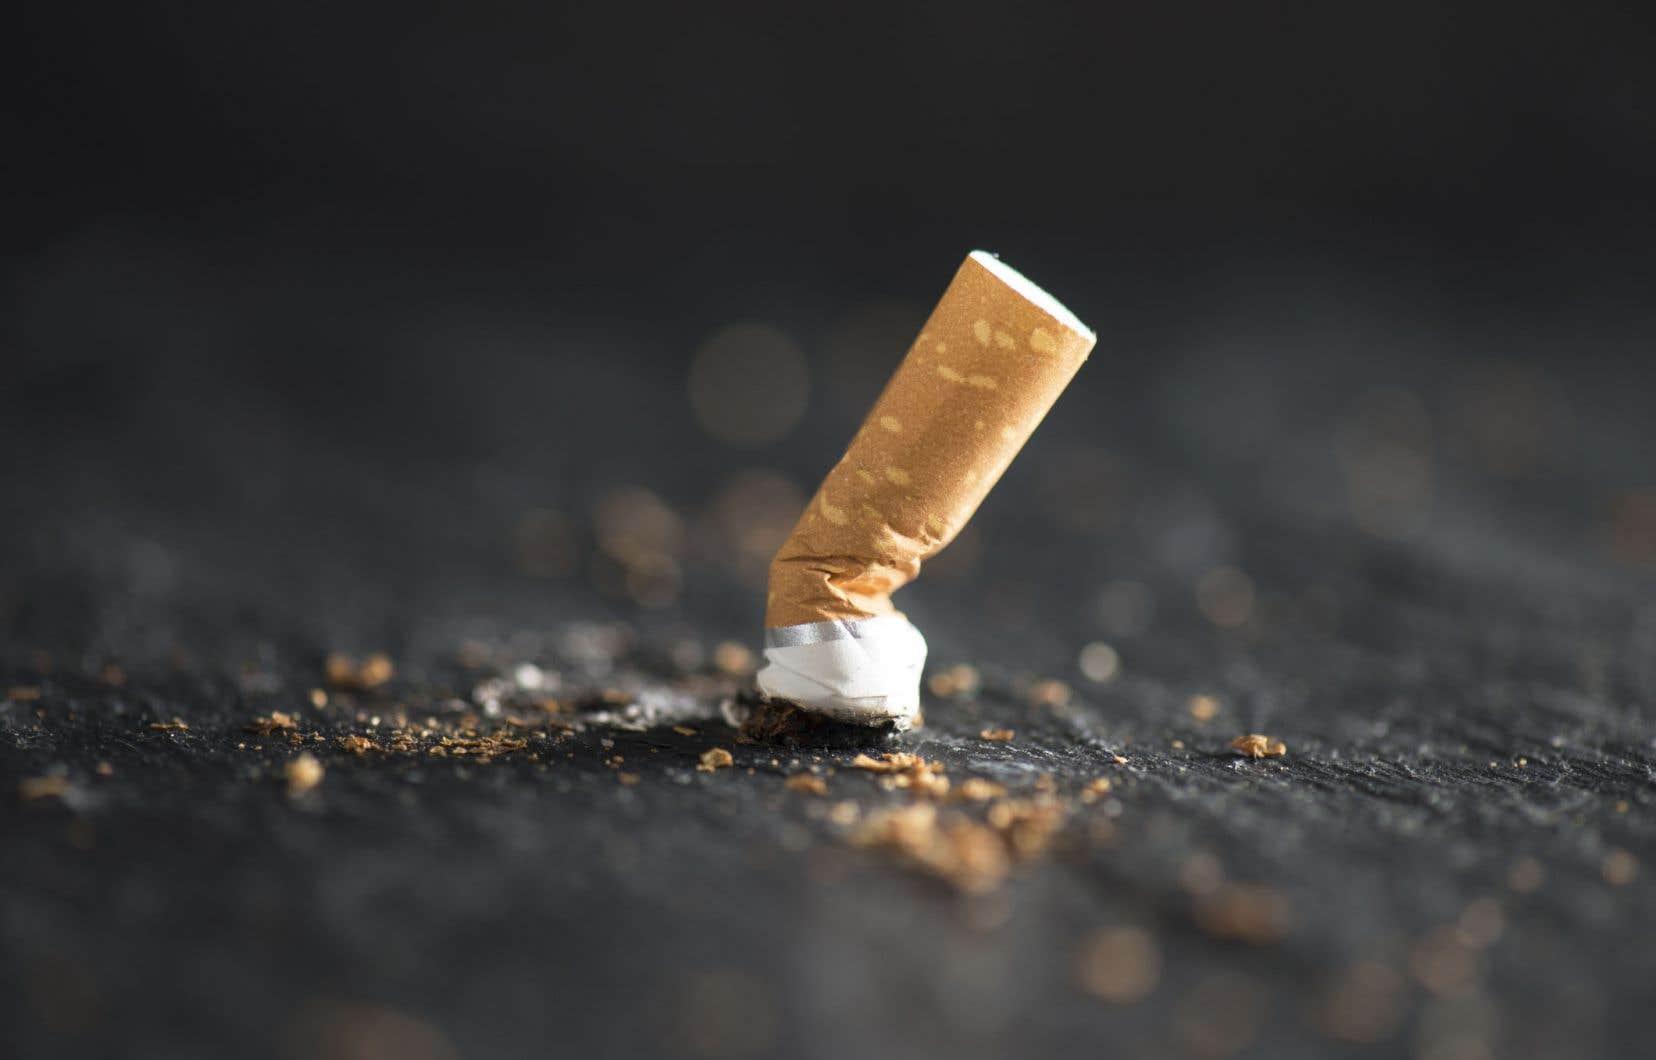 Le Trident a dû acquitter une amende de 682$ après la plainte d'un spectateur disant avoir été incommodé par la fumée d'une cigarette que grillait un comédien sur scène.